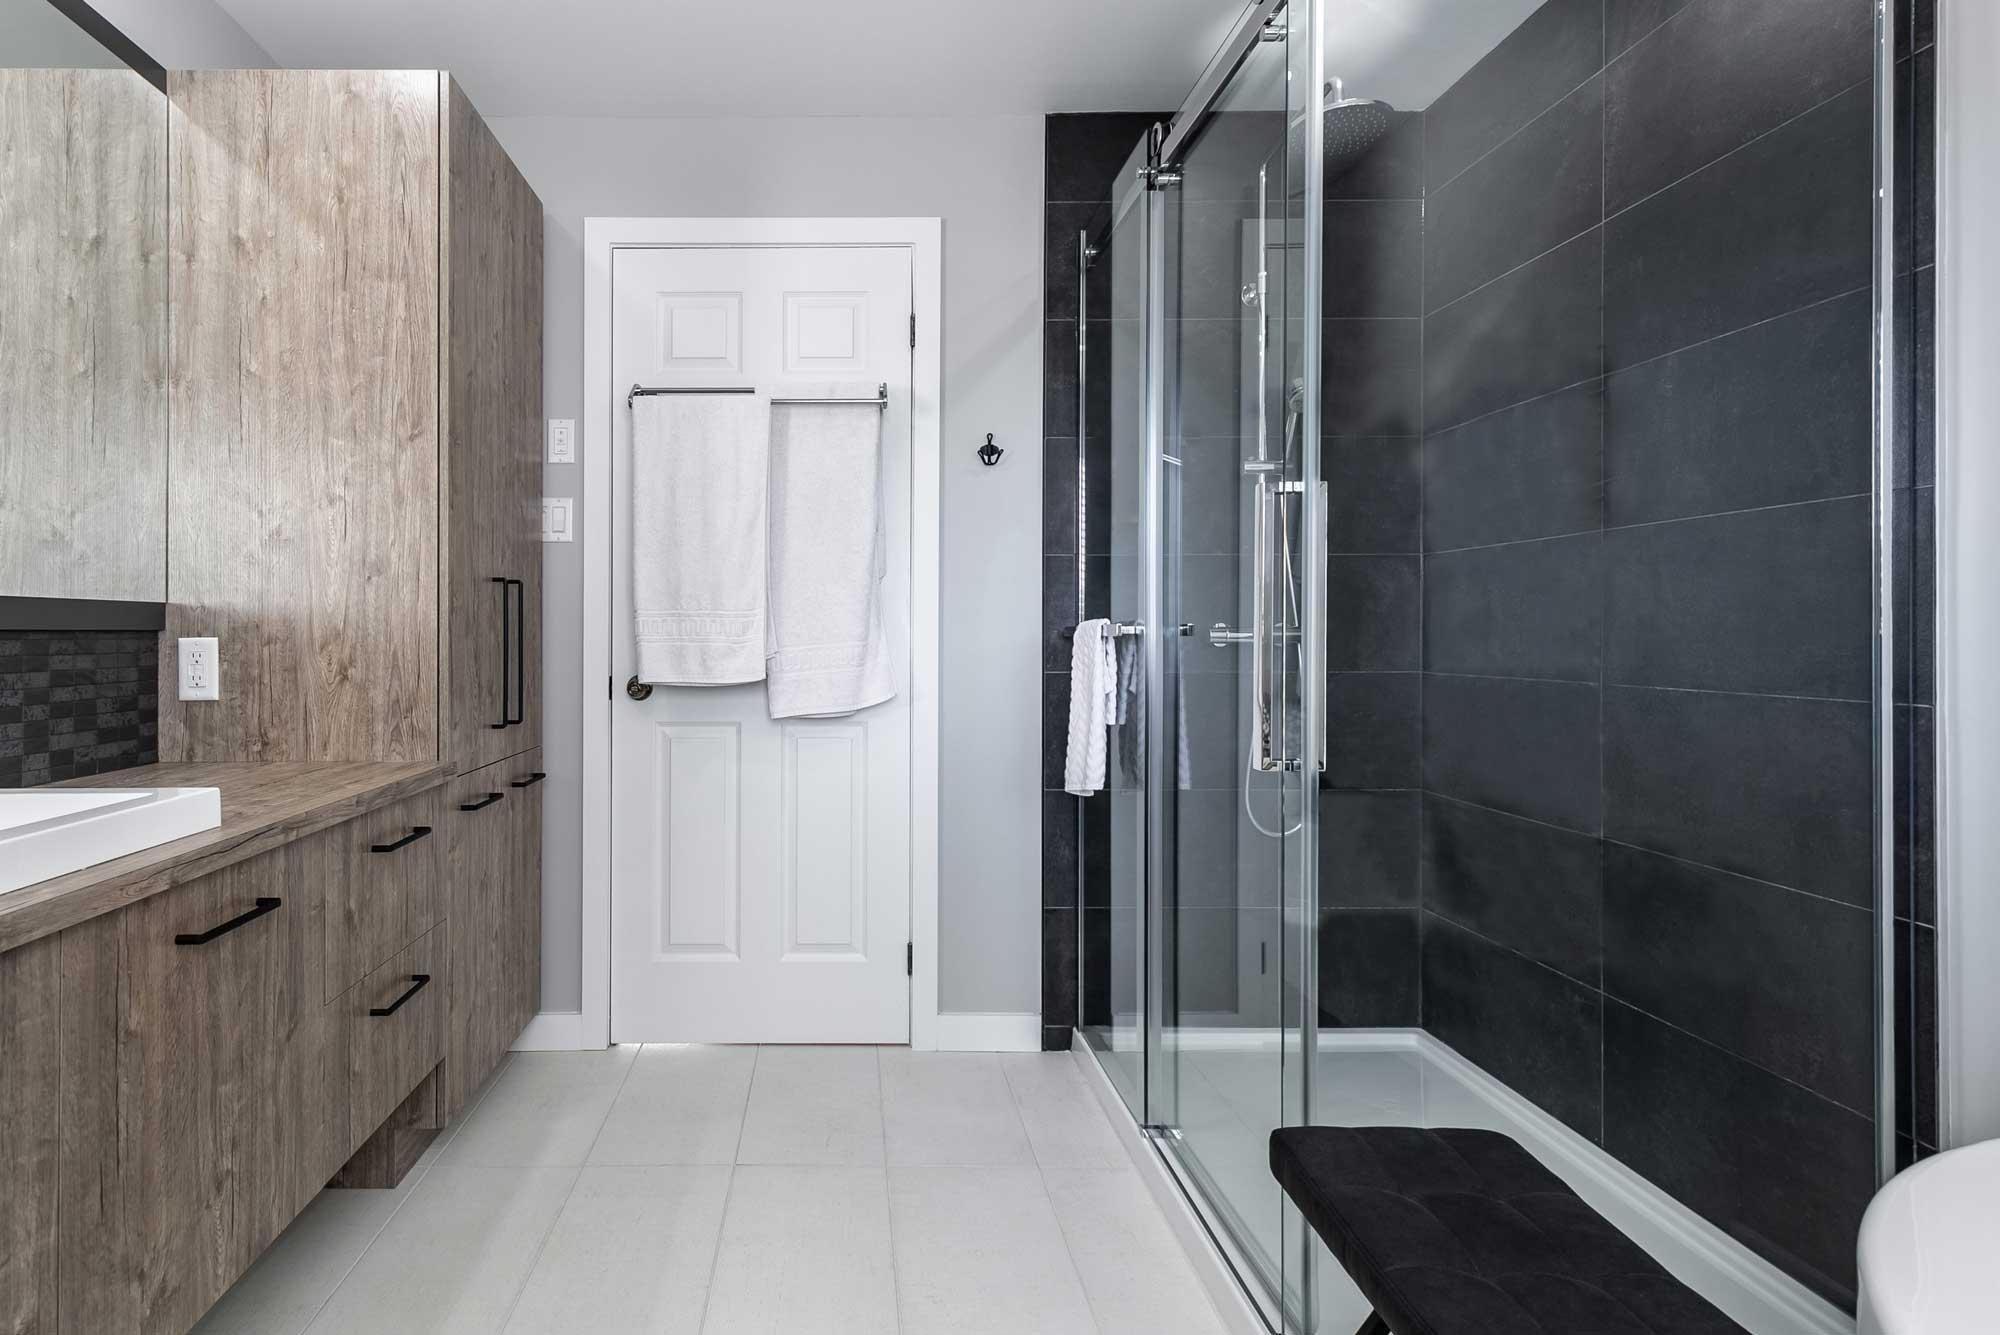 salle de bain moderne avec vanité sur mesure et douche vitrée